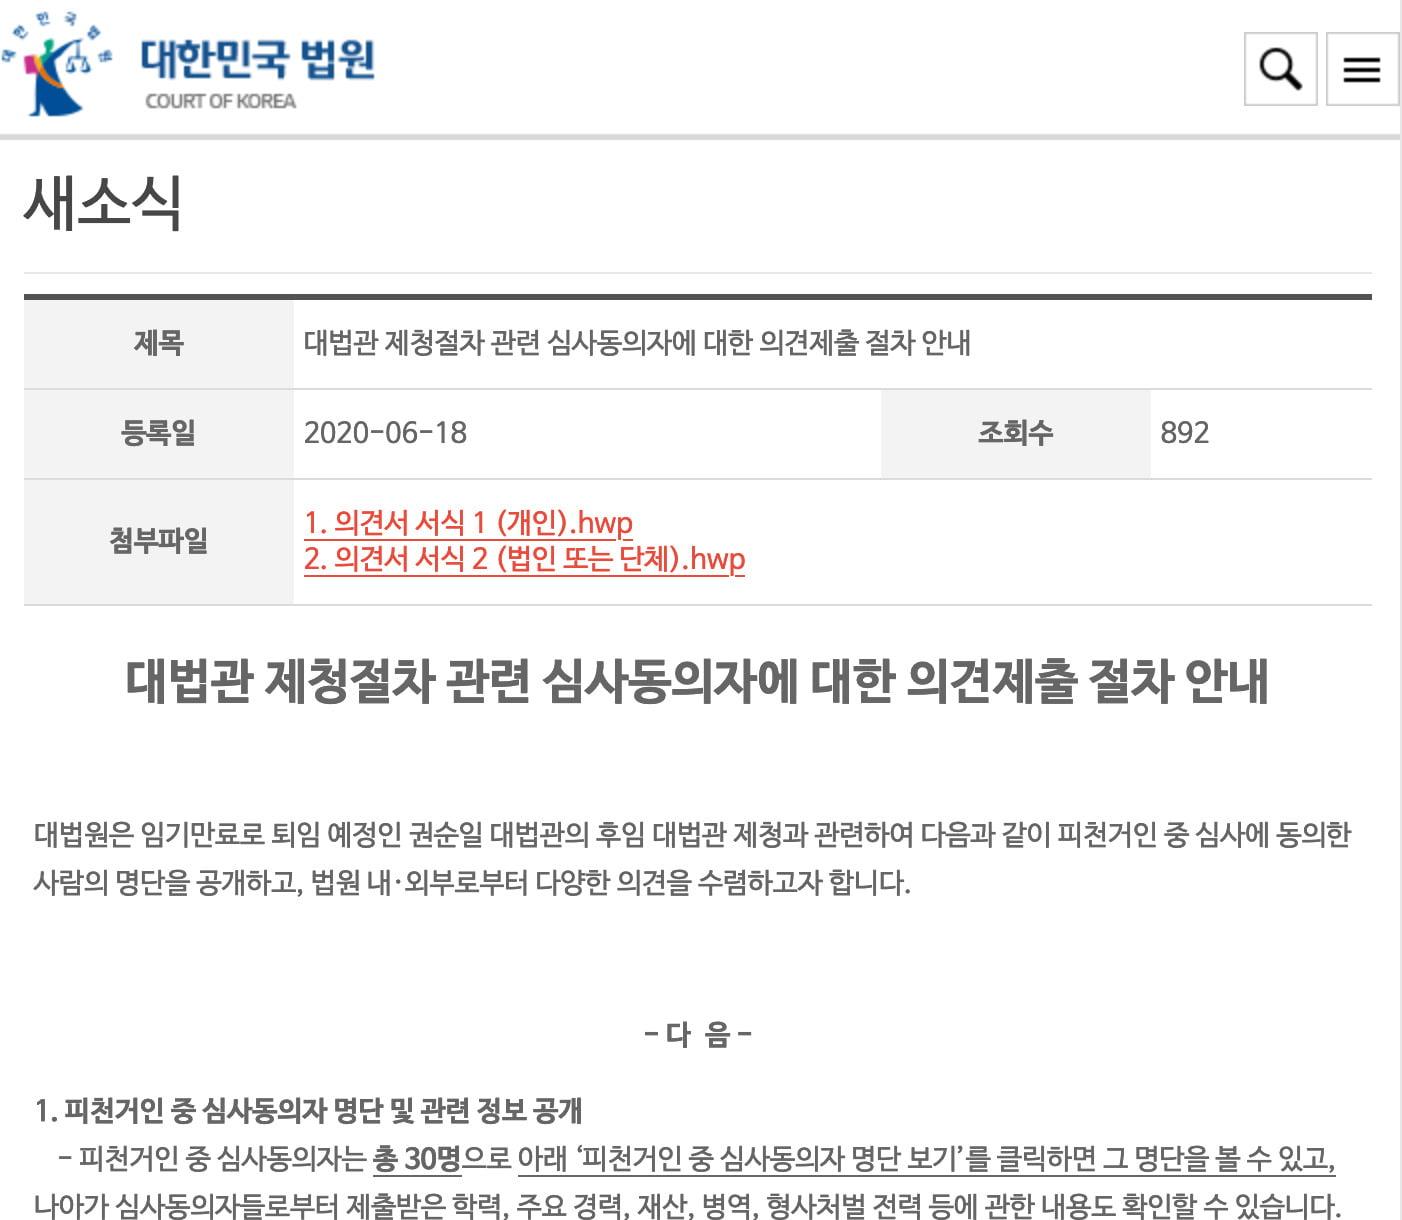 대법원이 신임 대법관 후보 30명 명단을 18일 공개했다. 대법원은 홈페이지에서 국민 누구나에게 신임 대법관 후보에 대한 의견을 받고 있다. 대법원 홈페이지 캡쳐